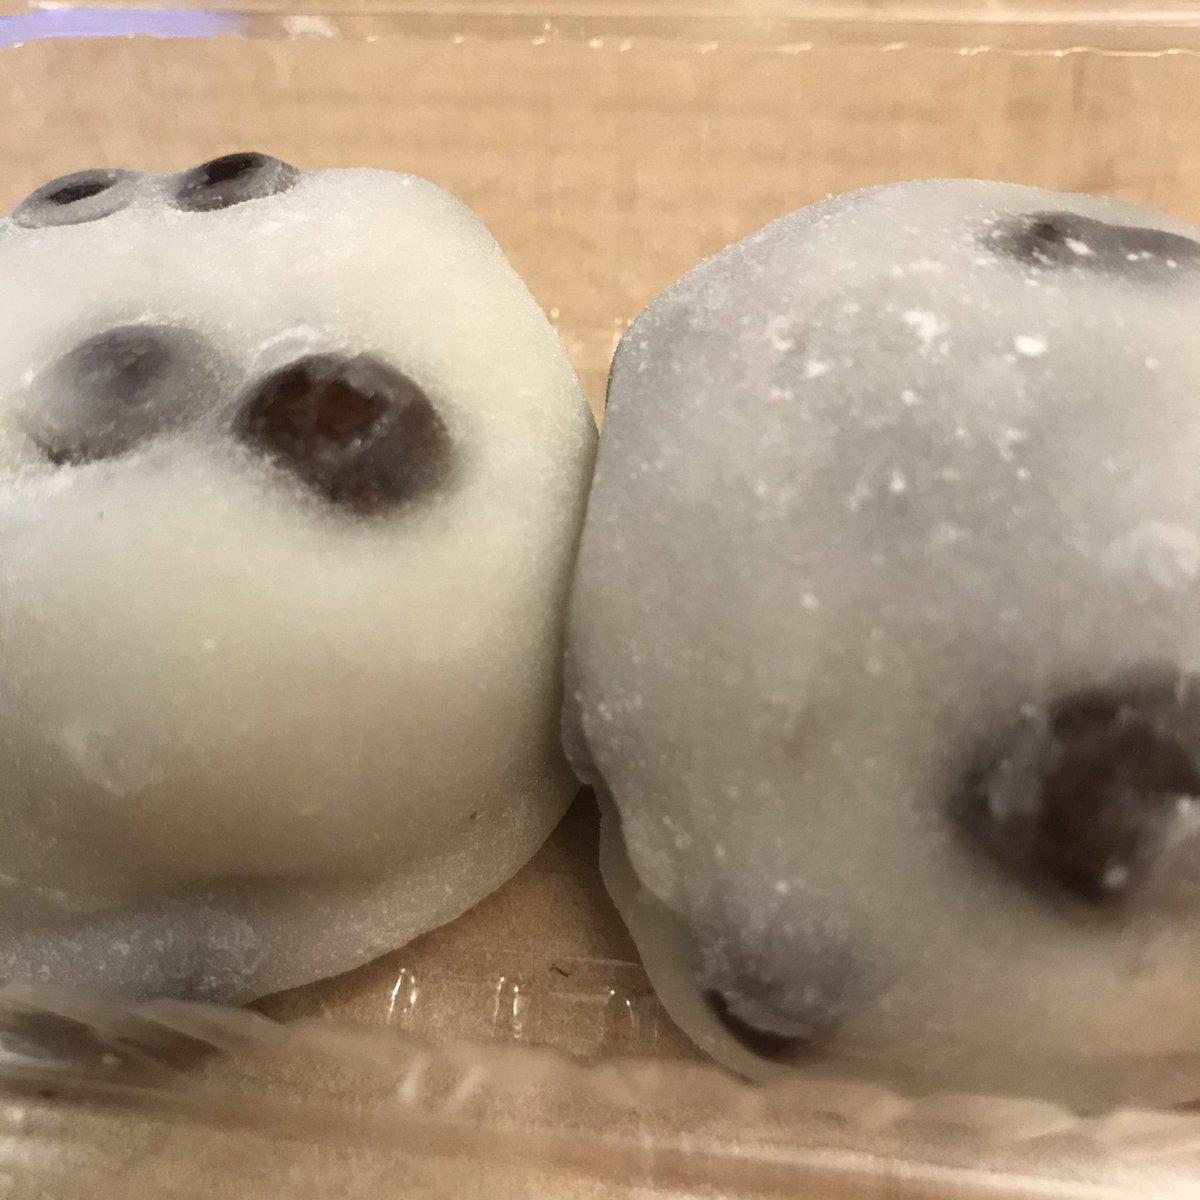 test ツイッターメディア - 出町ふたばの豆餅いただきます🙏 https://t.co/BF8wk85iS6